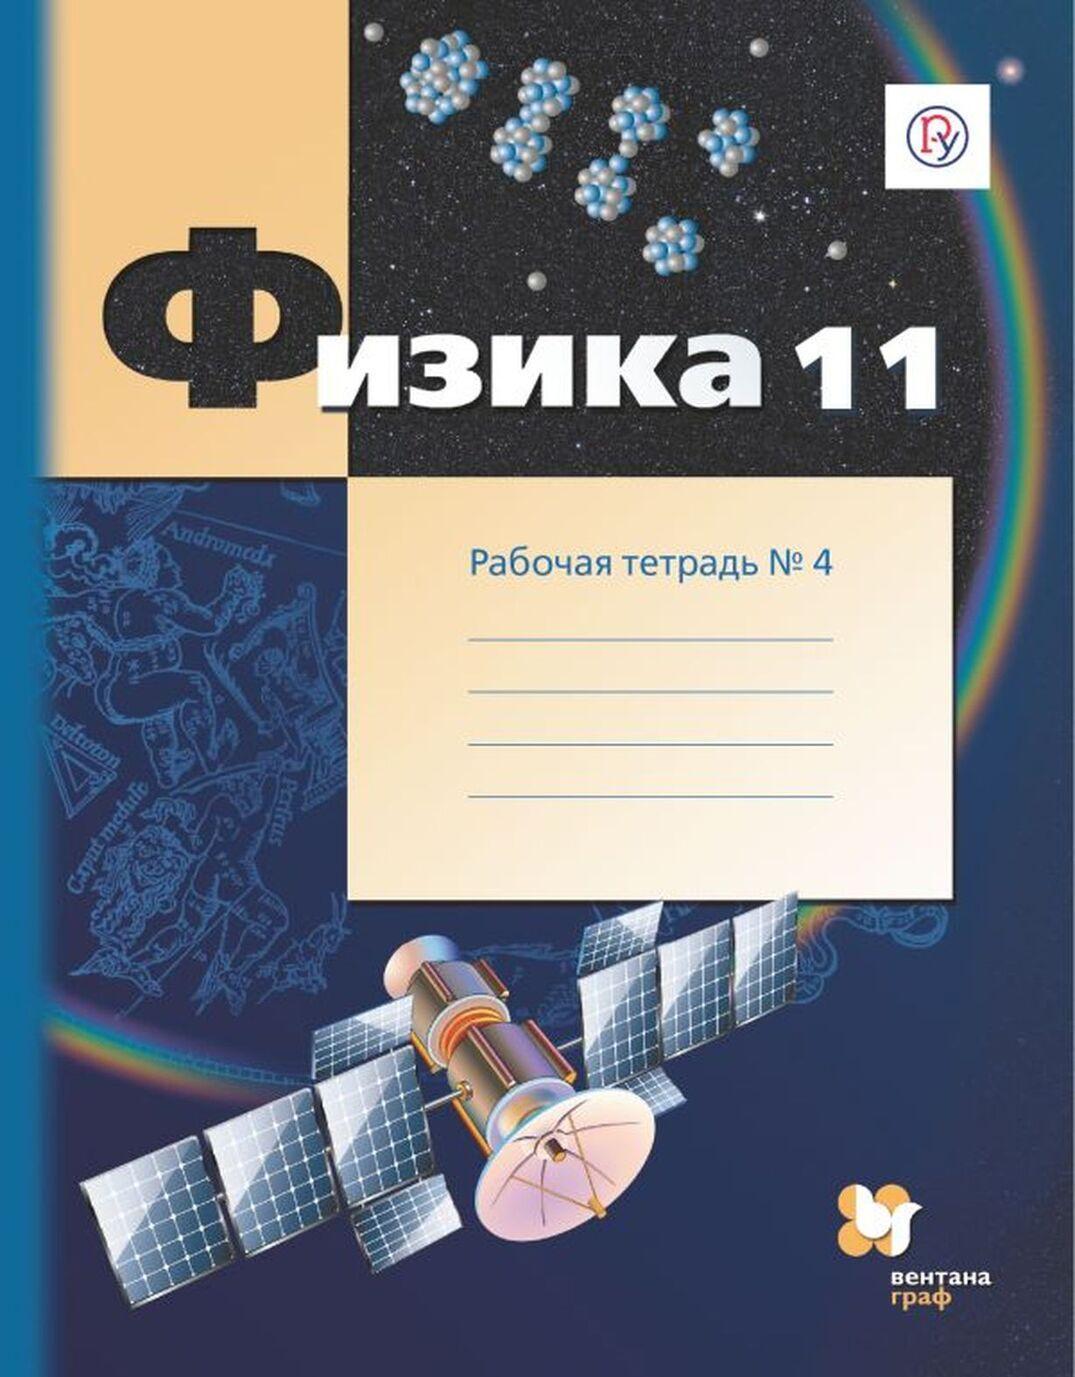 Fizika. 11 klass. Rabochaja tetrad. V 4-kh chastjakh. Chast 4 | Grachev Aleksandr Vasilevich, Bokov Pavel Jurevich